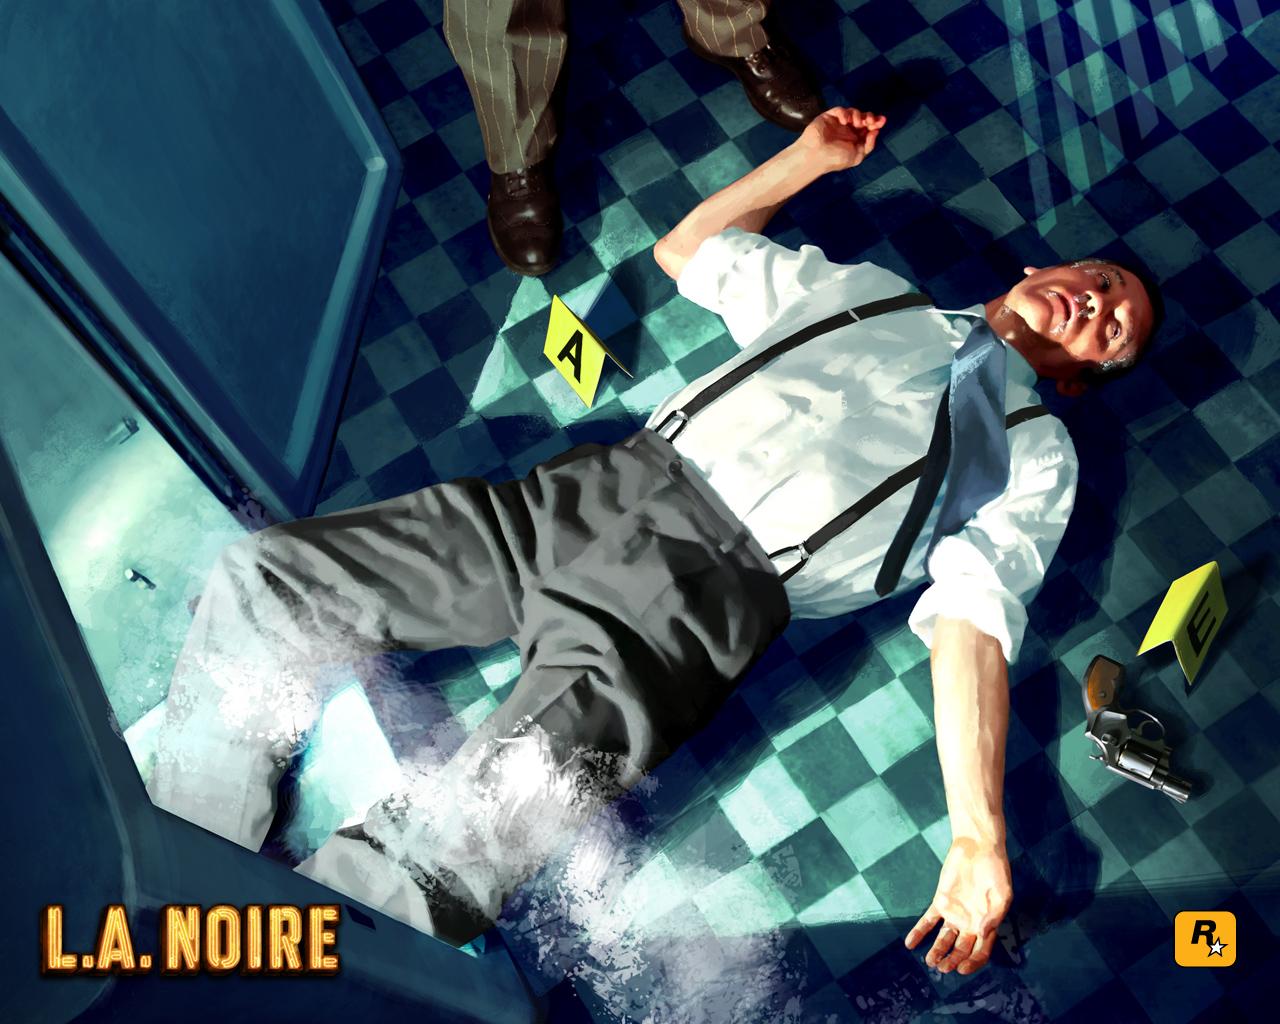 http://1.bp.blogspot.com/-wm-TYbRQJA4/T9Grt9ol8cI/AAAAAAAAAKM/mSxljpLWBks/s1600/L.A._Noire13.jpg